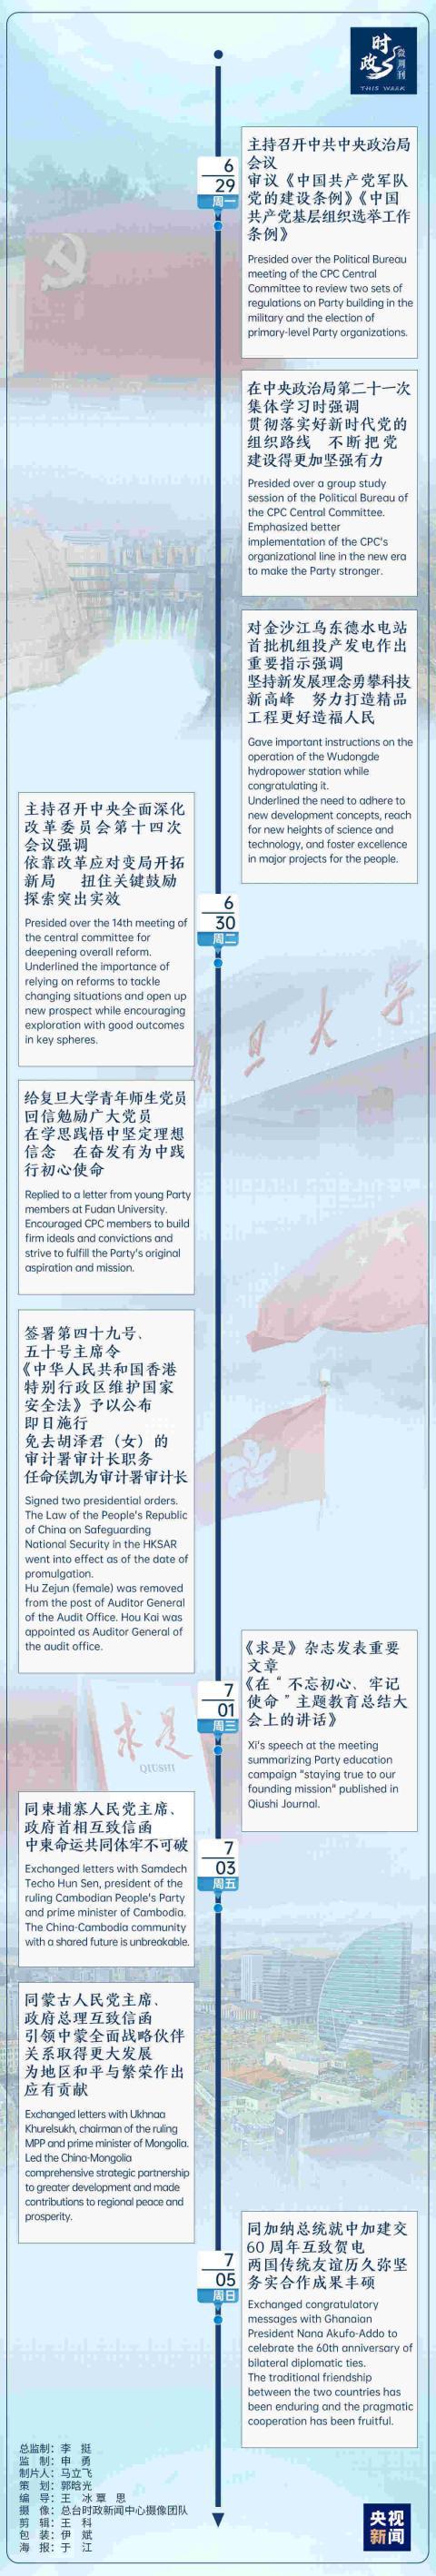 【上海消防员】_时政微周刊丨总书记的一周(6月29日—7月5日)